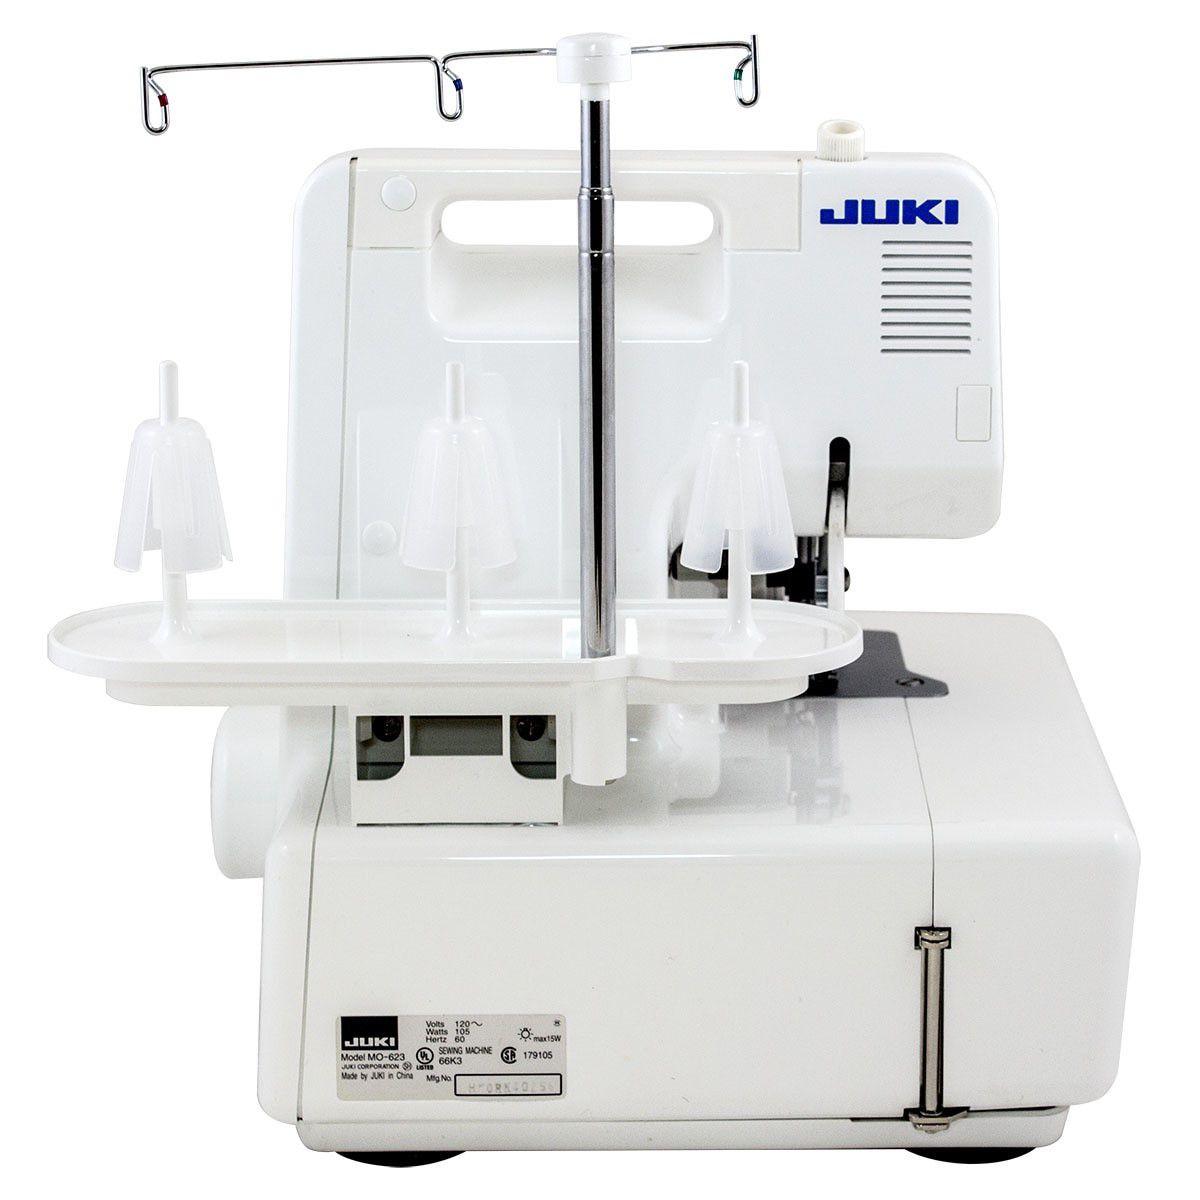 Juki MO-623 Garnet Series Serger